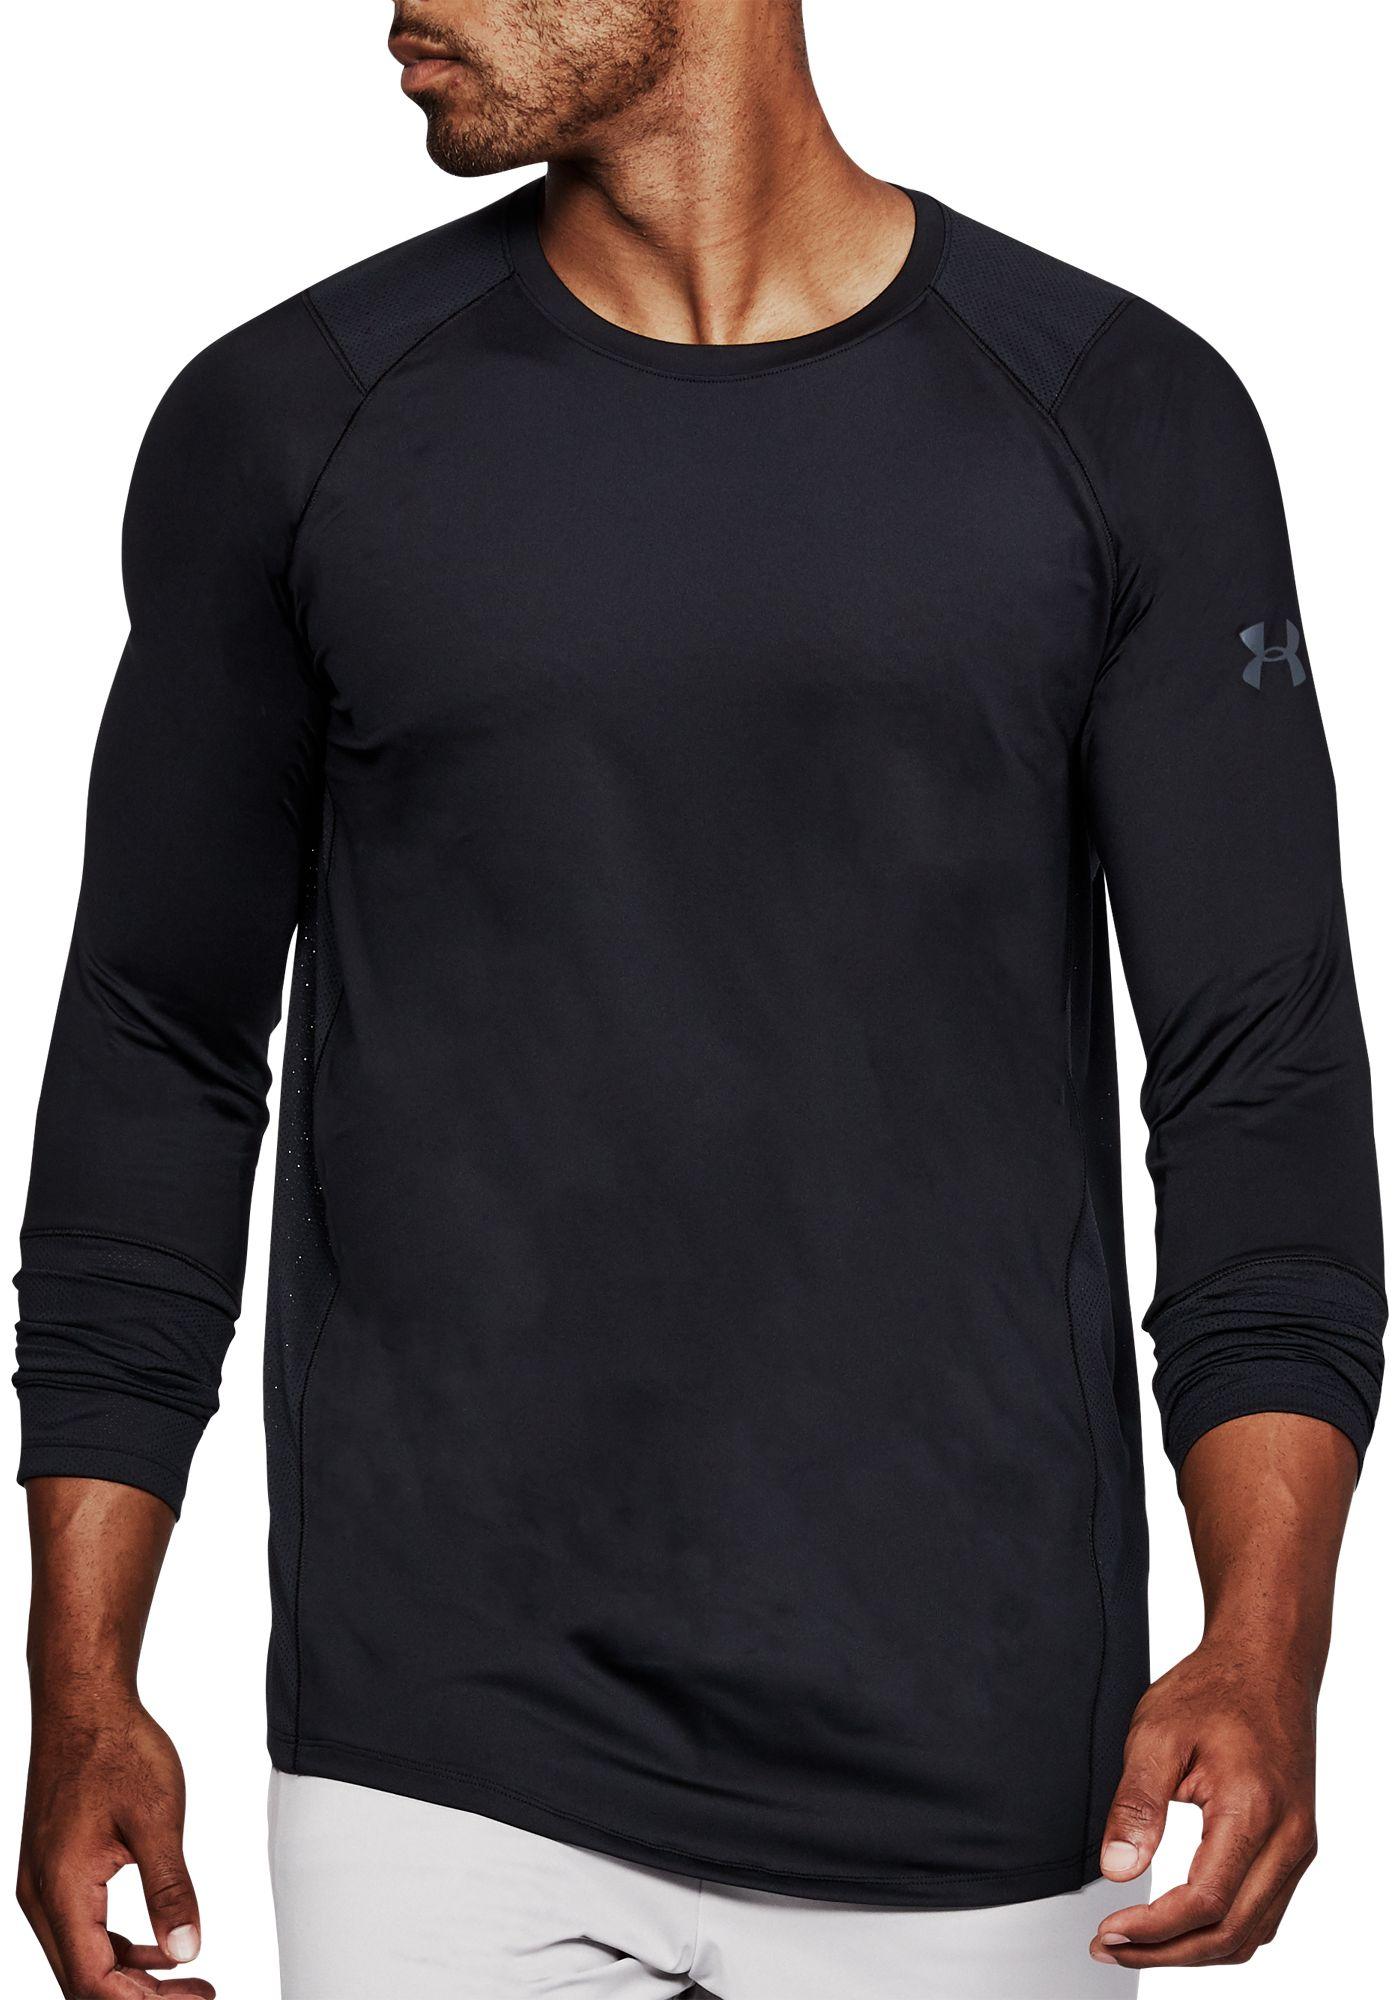 Under Armour Men's MK-1 Long Sleeve Shirt